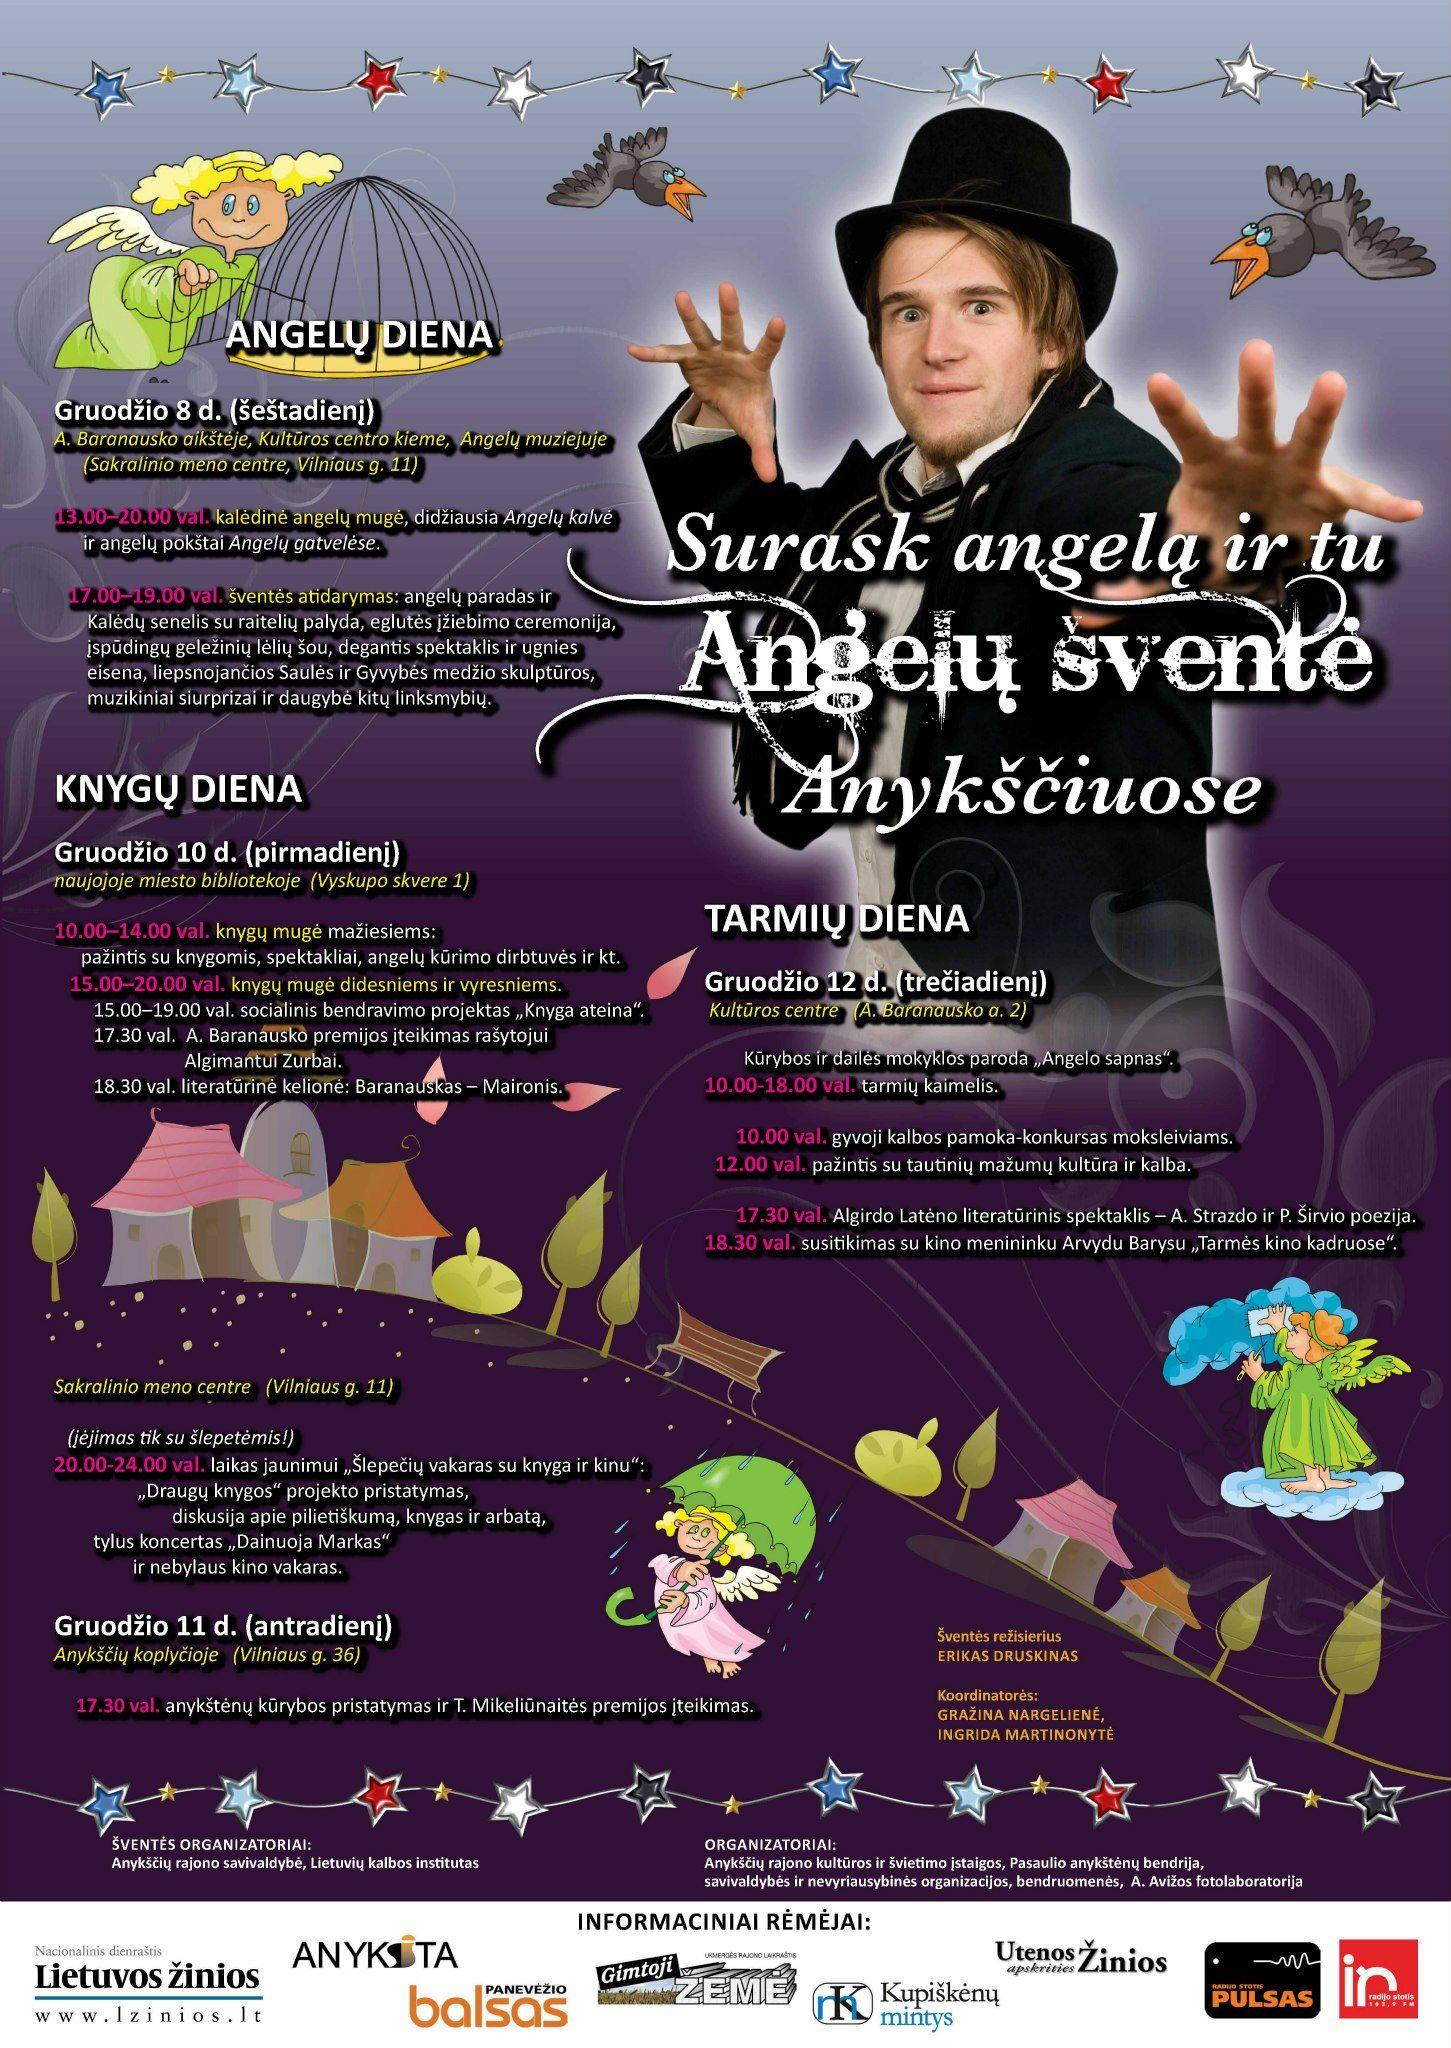 Angelų šventė Anykščiuose (2012) - Knygų diena